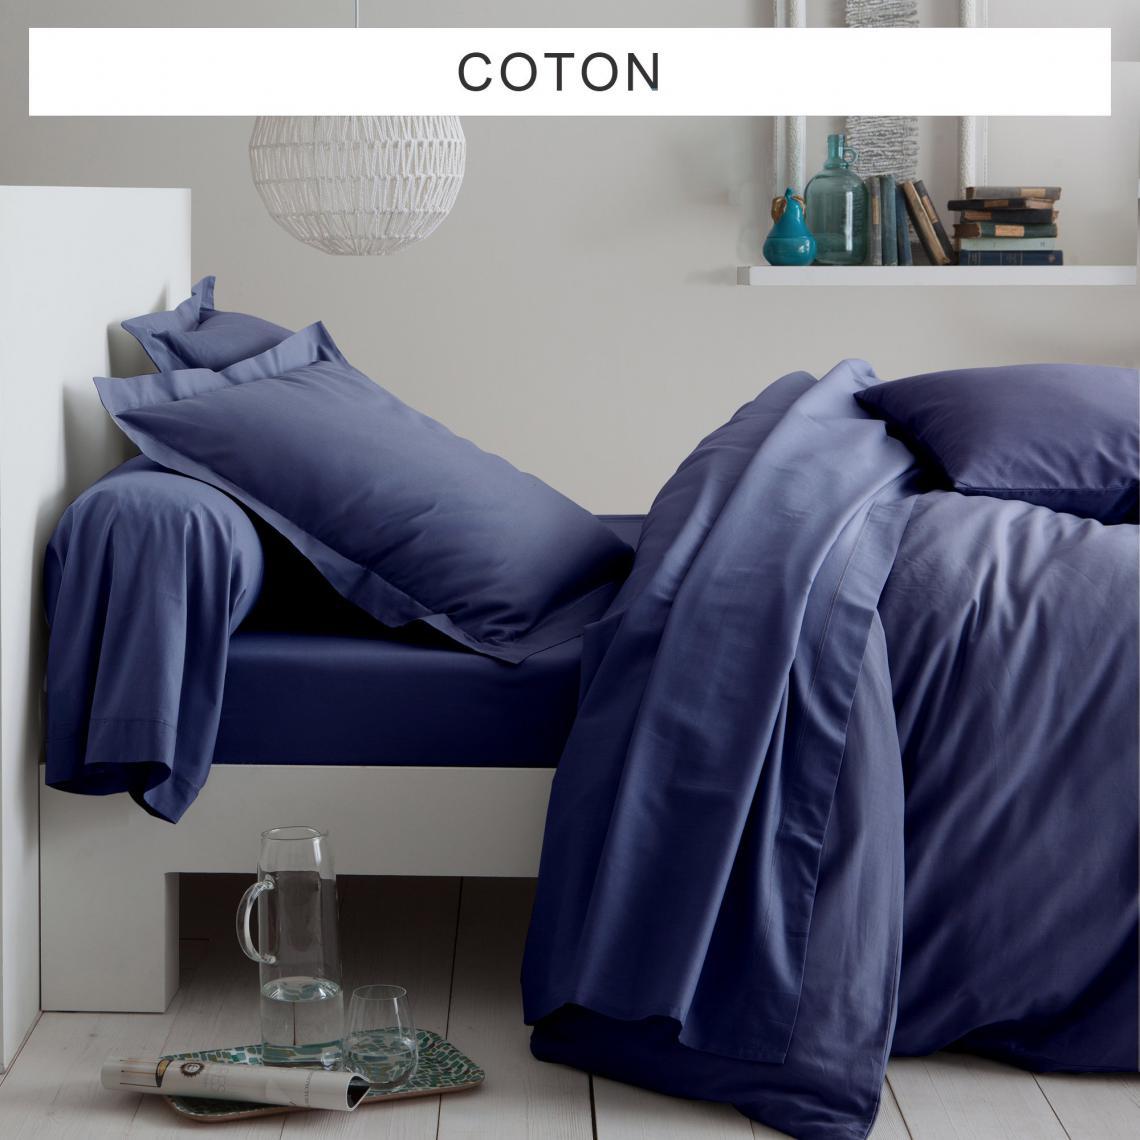 Tertio Linge De Maison.Drap Plat Uni Coton Tertio Bleu Indigo 3 Suisses